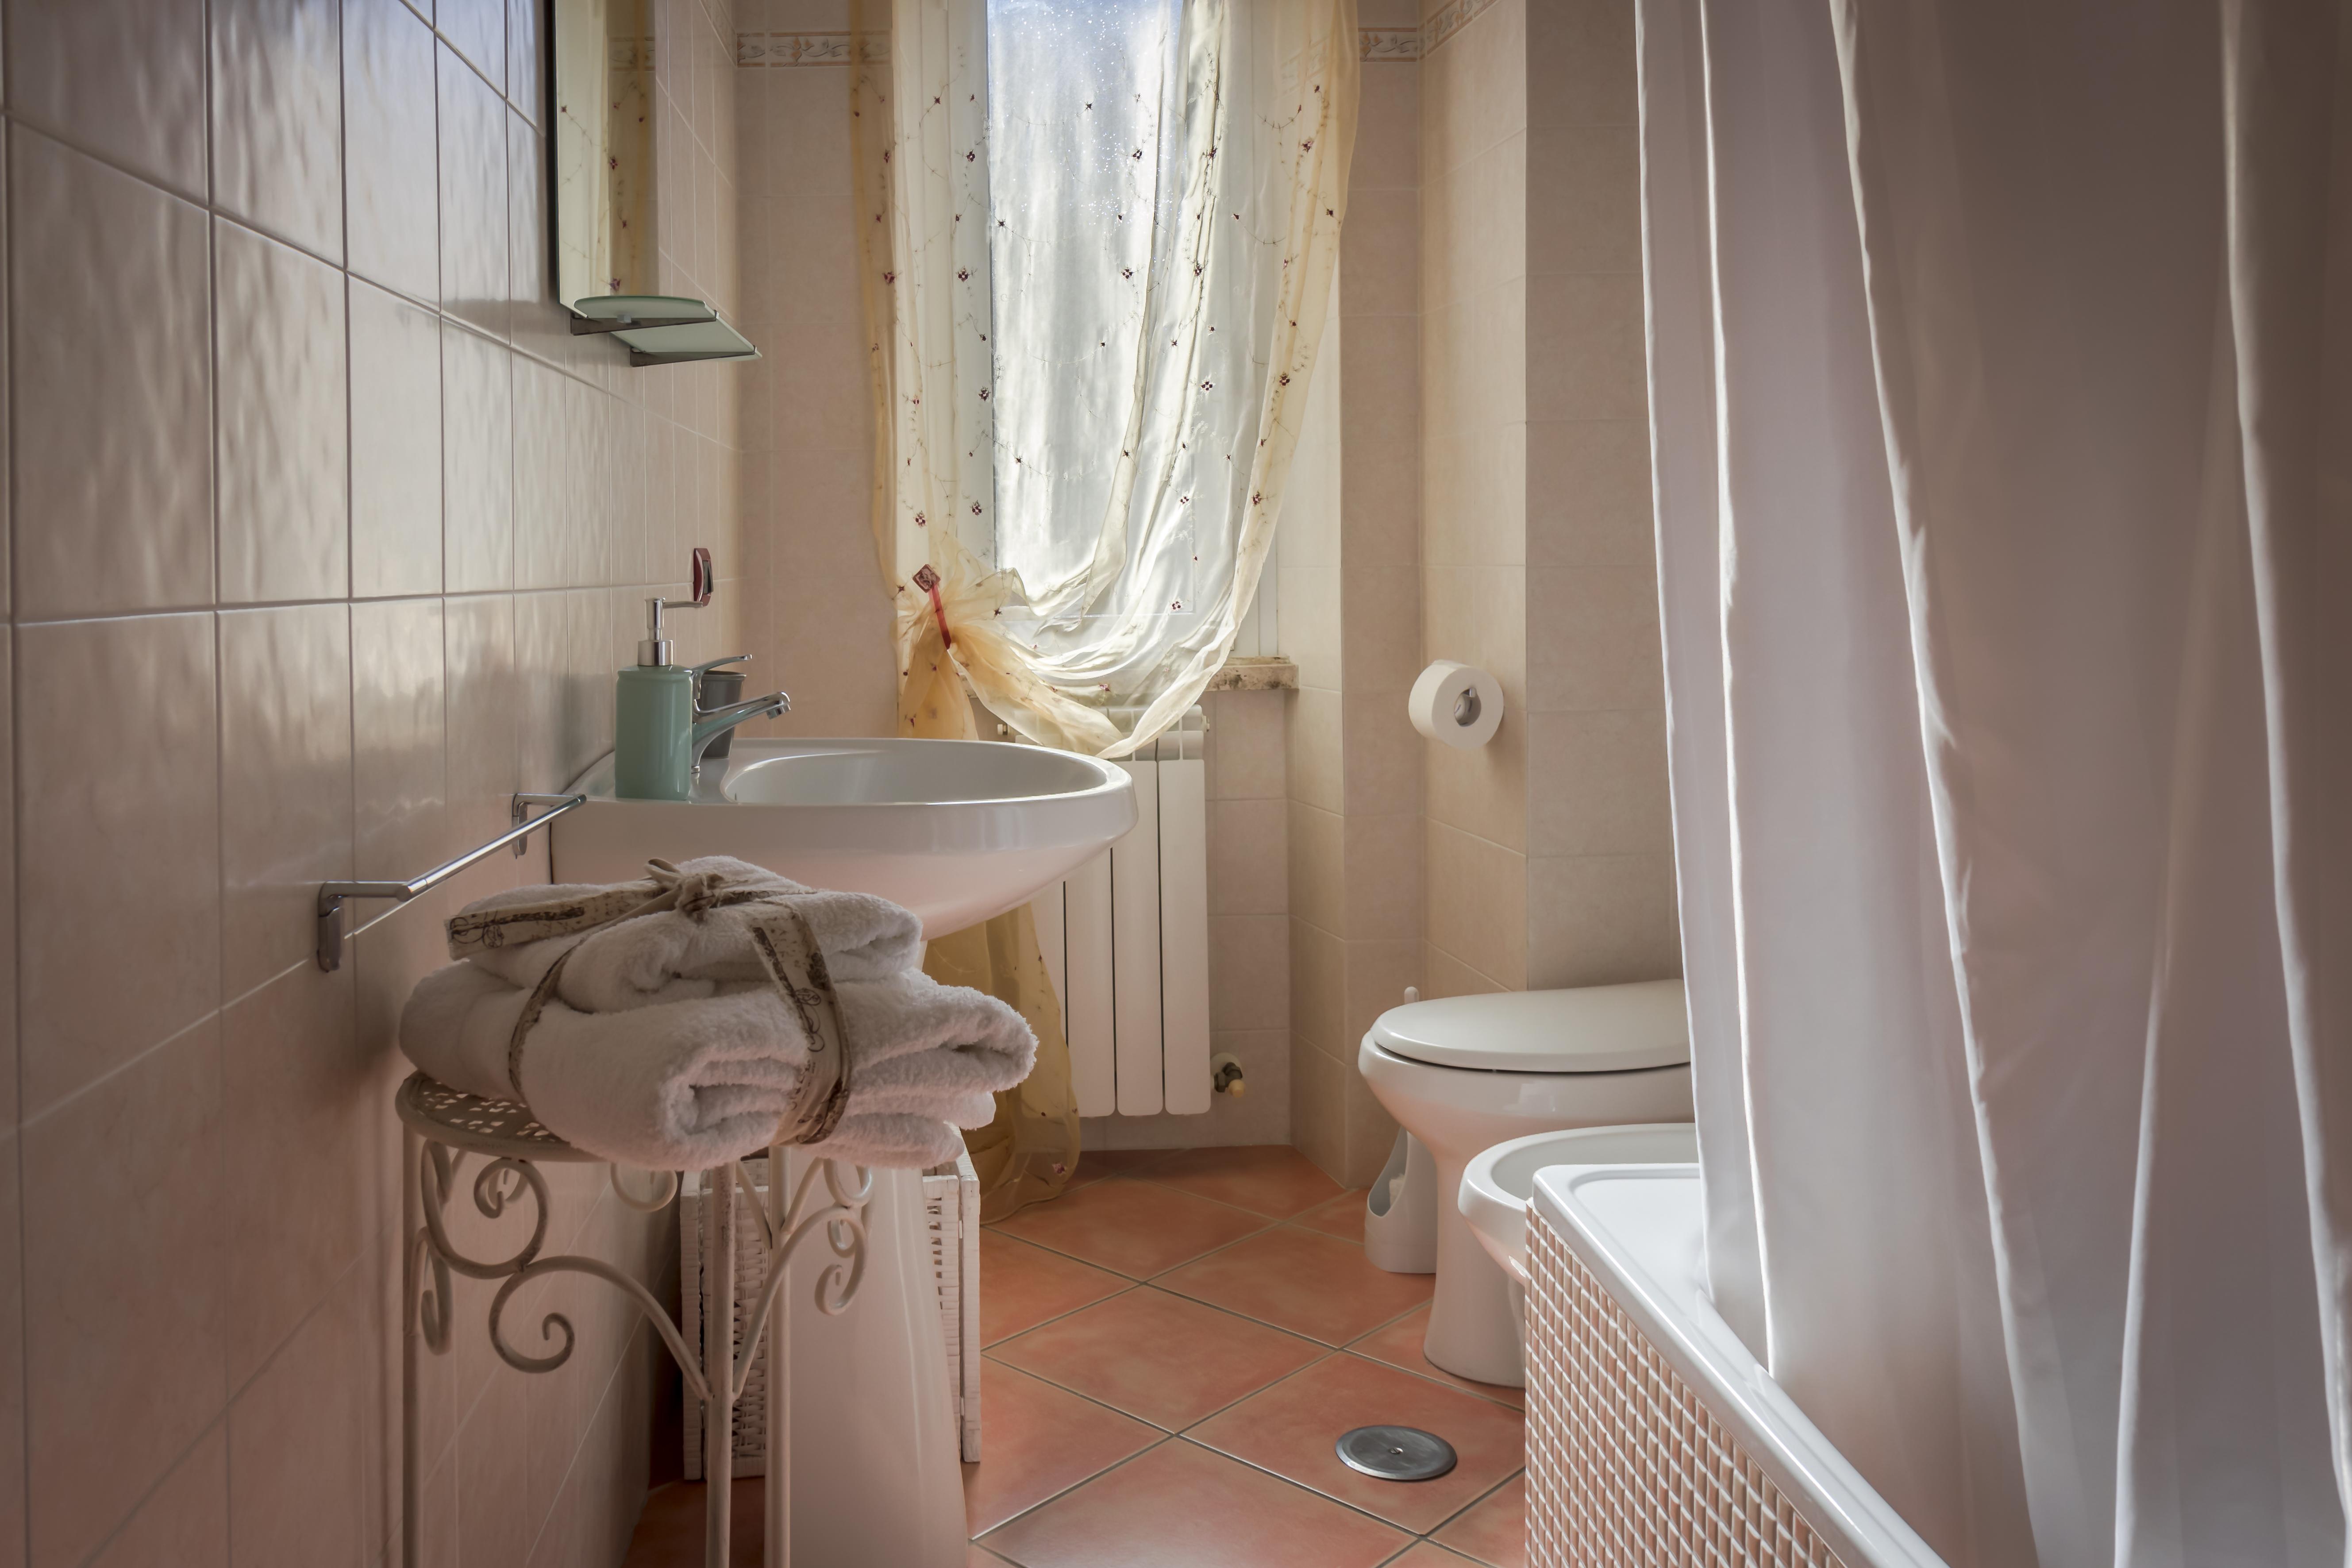 bagno in camera camera viterbo